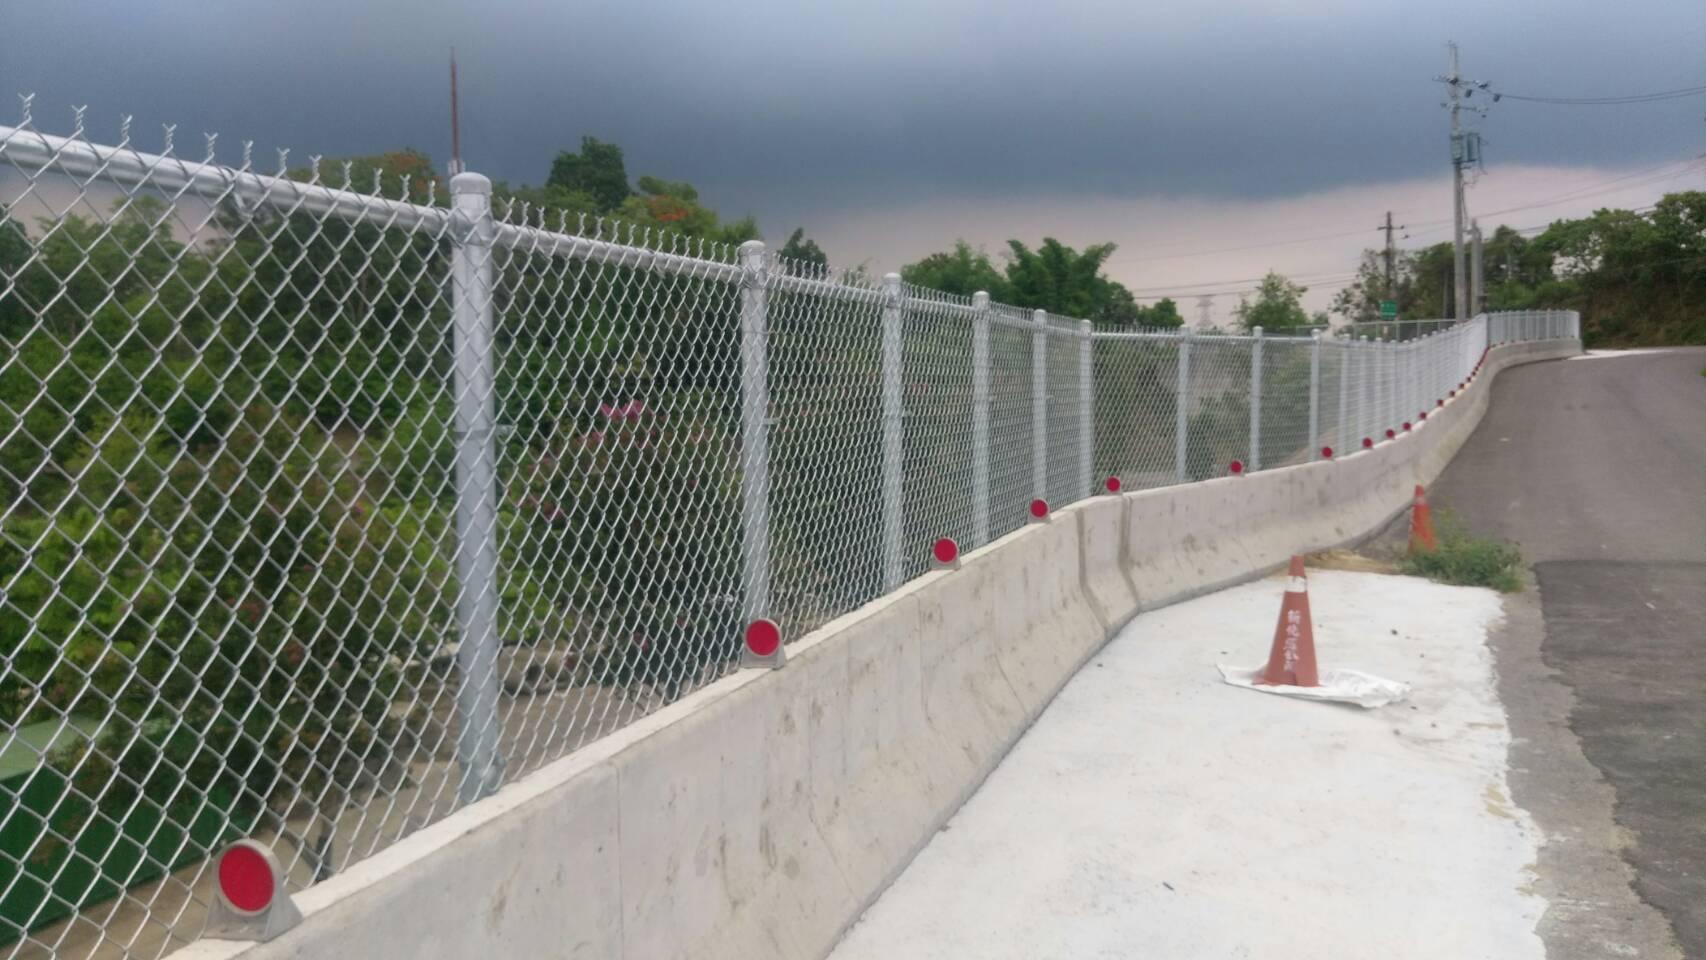 紐澤西護欄加設菱形網圍籬。